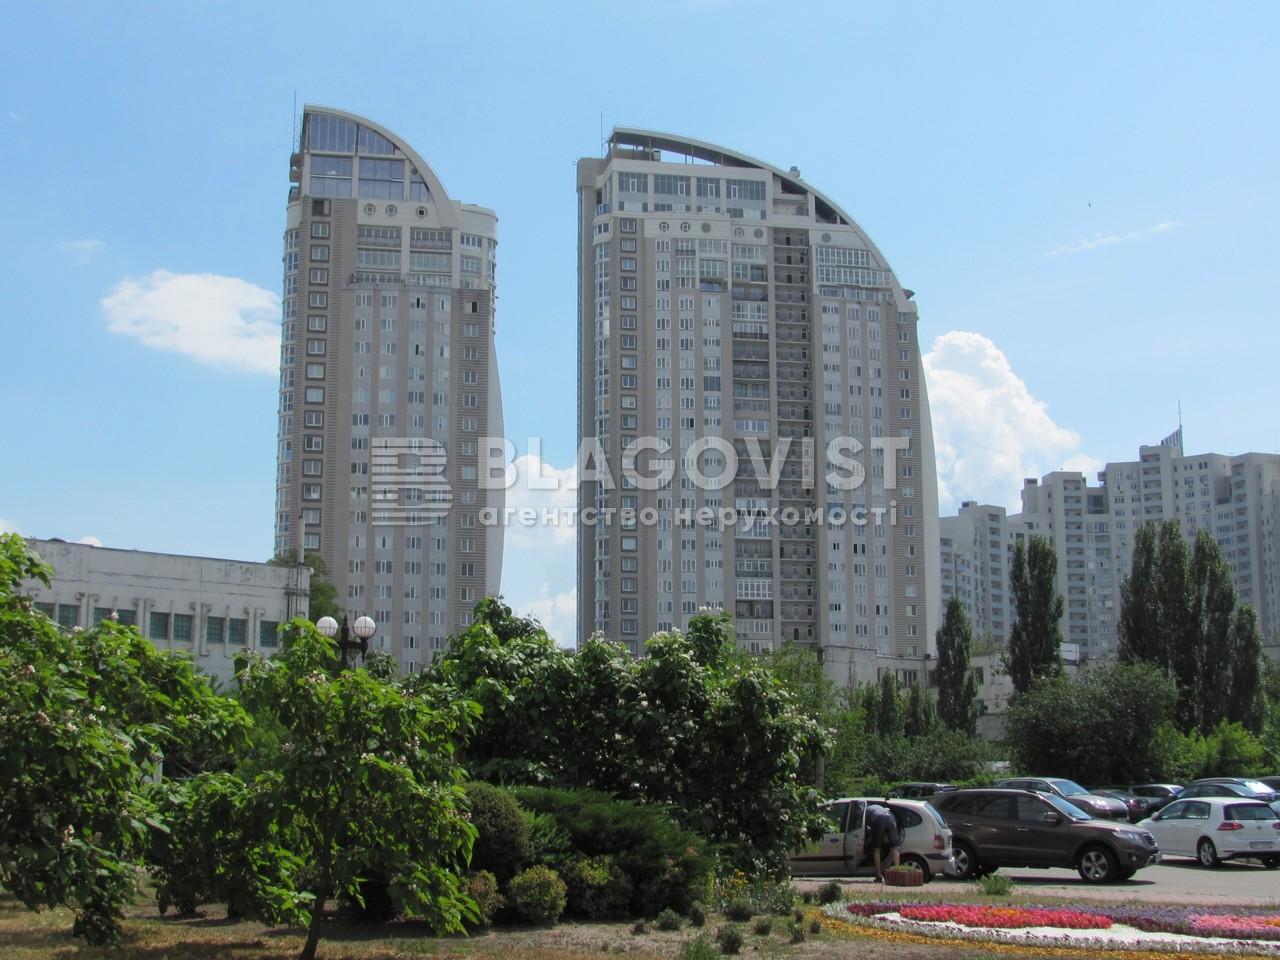 Квартира A-108158, Оболонская набережная, 1 корпус 1, Киев - Фото 1